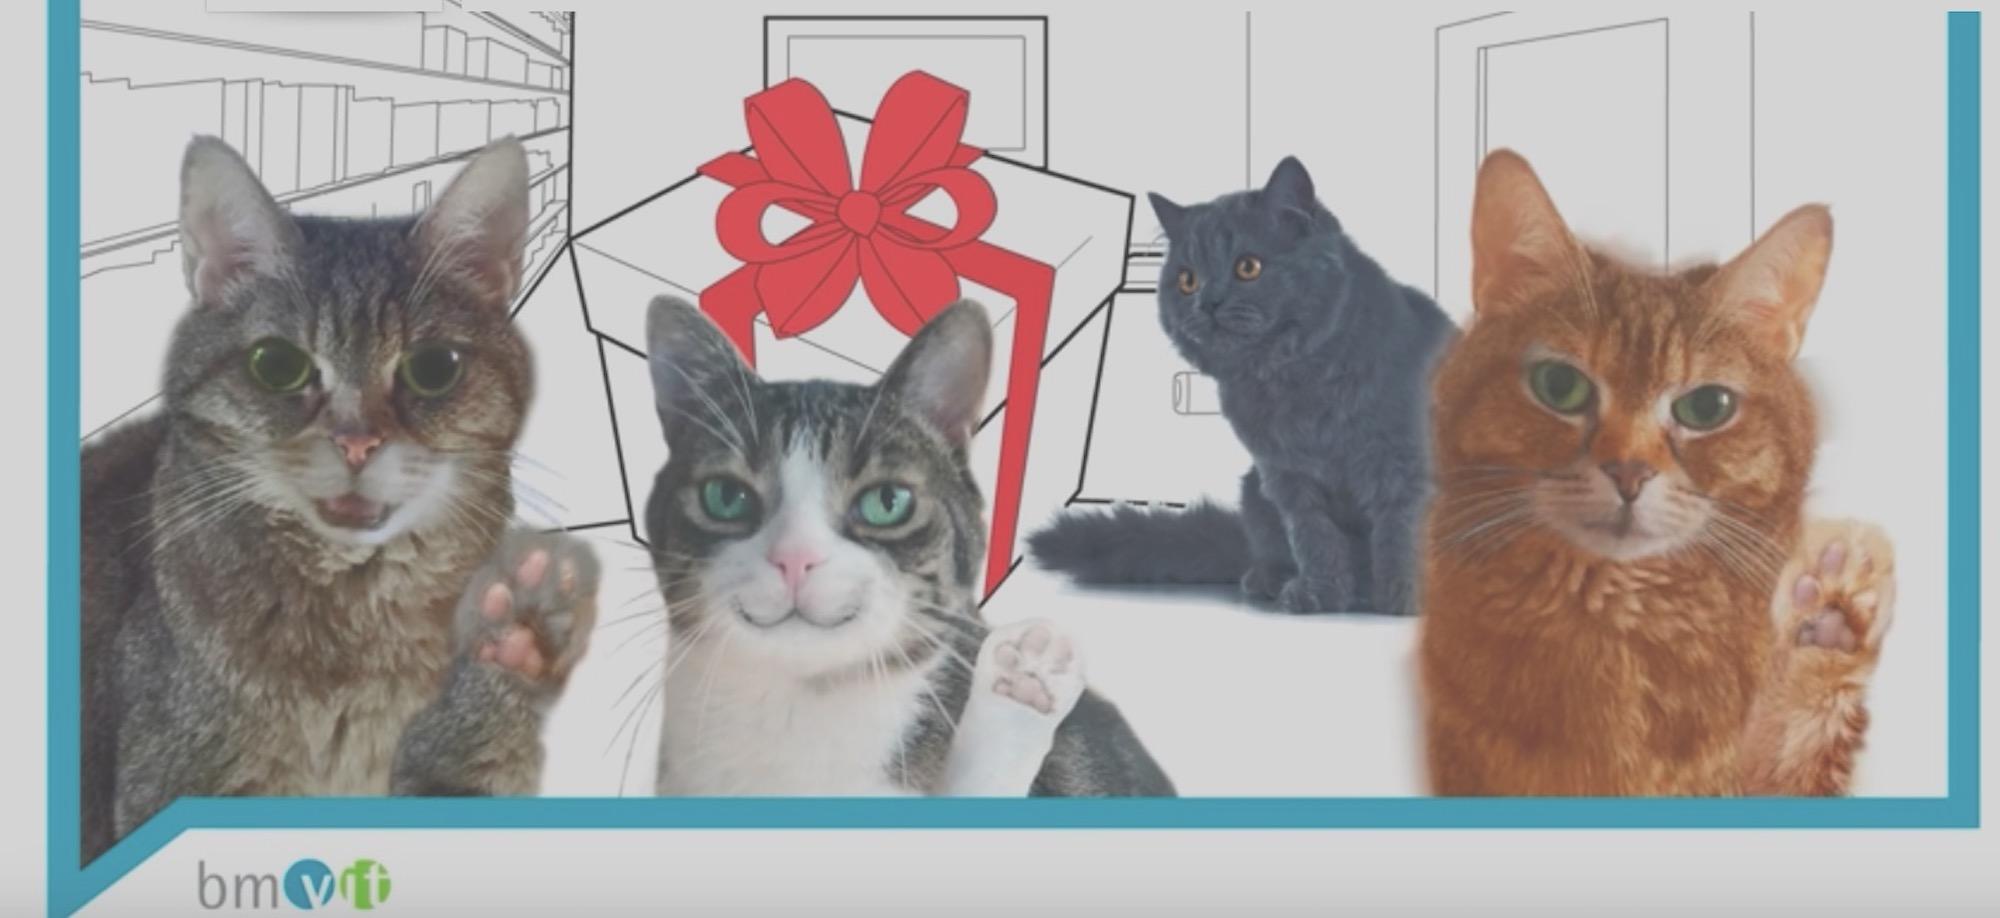 Katzenvideo Industrie 4.0